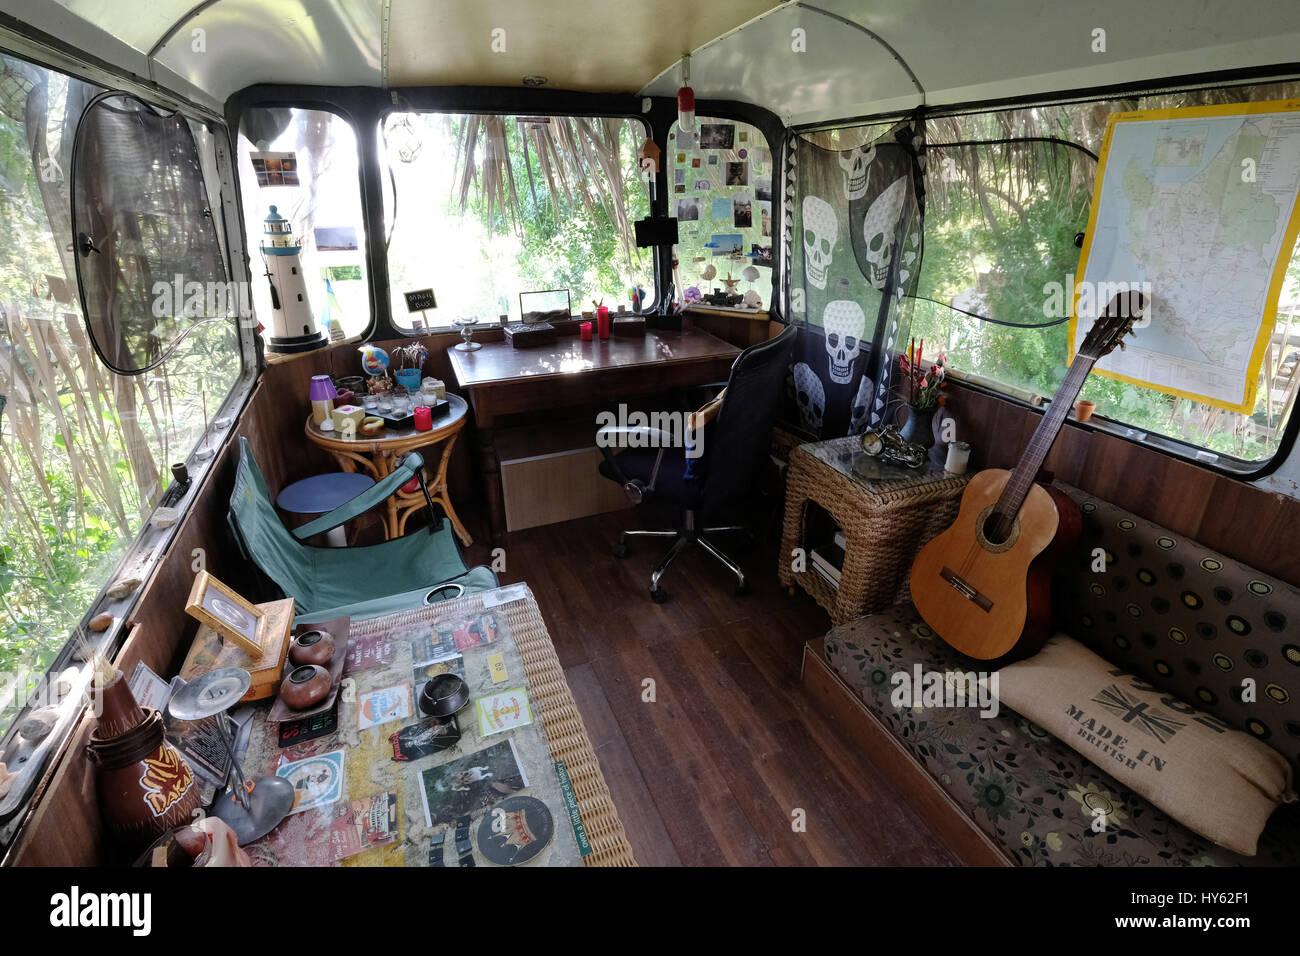 Backpacker Justine est d'un séjour dans un vieux bus à Paphos,Chypre. L'autobus a été Photo Stock